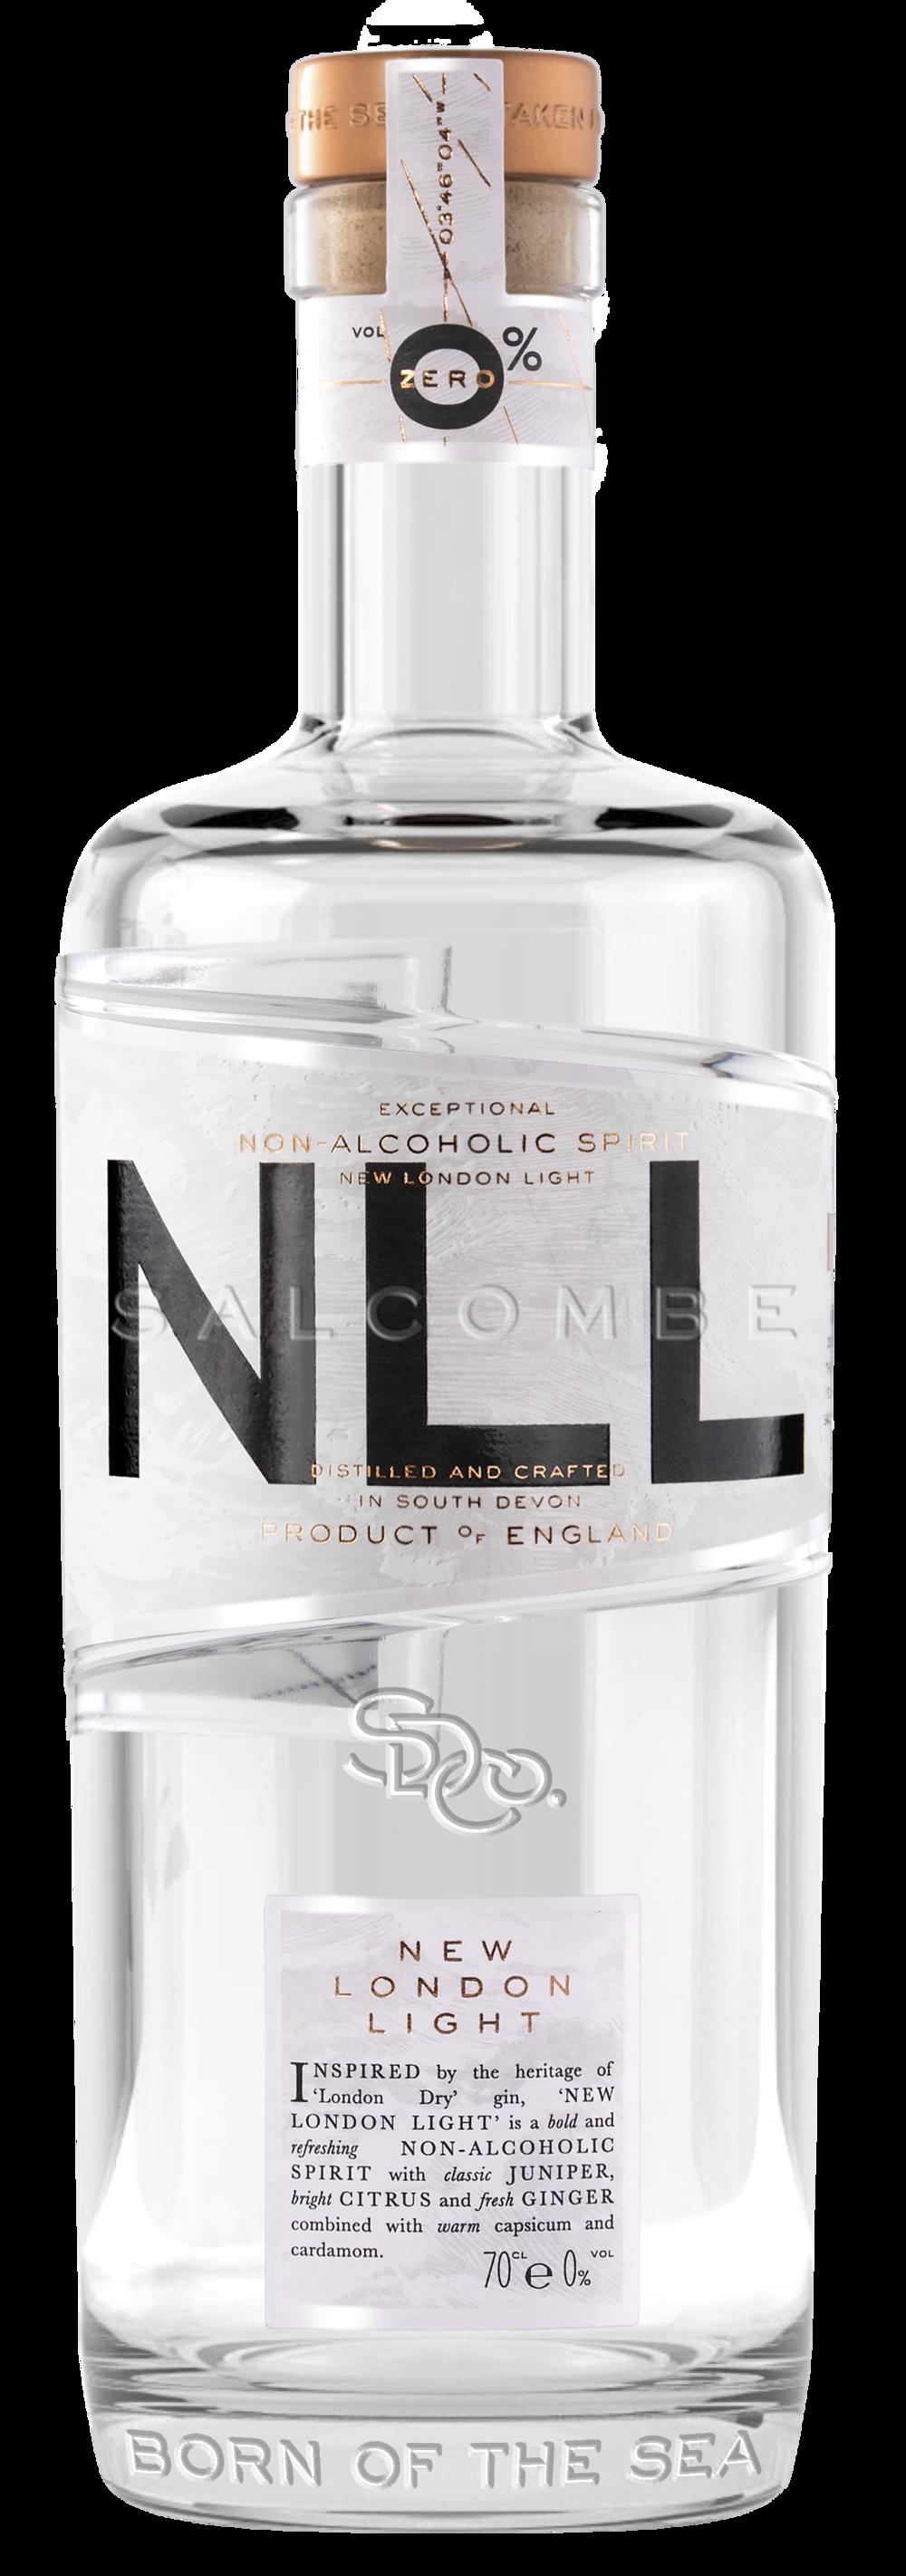 Salcombe Gin - New London Light - 0 Alcohol - Bottle